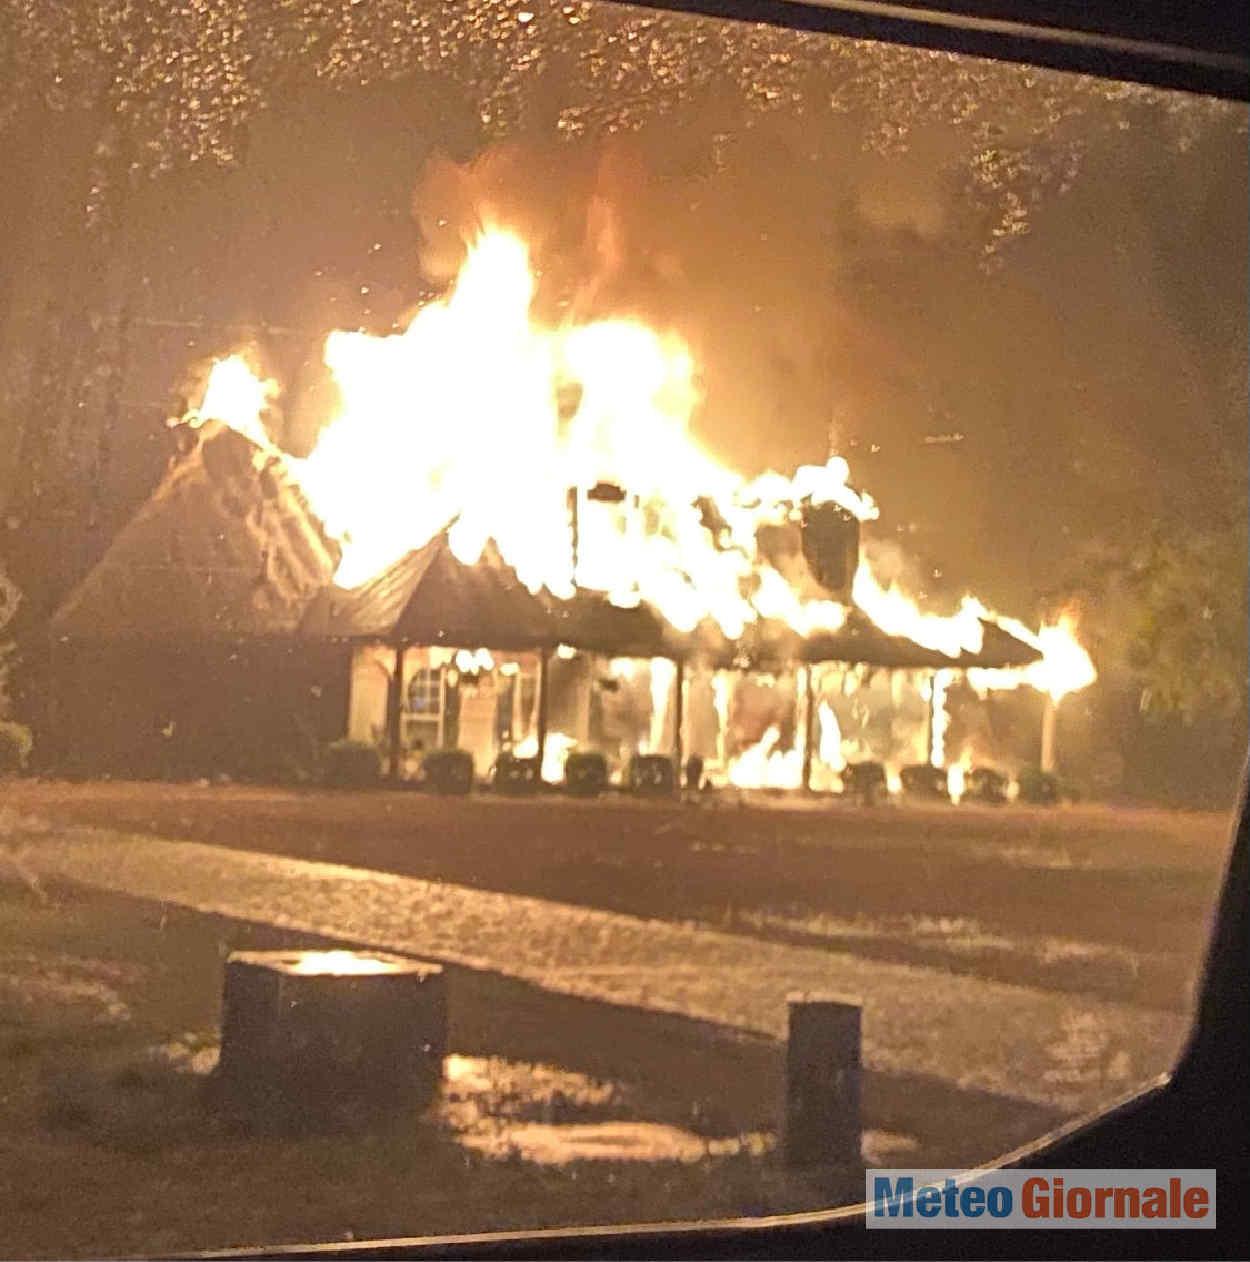 abitazione in fiamme colpita da fulmine - Nord America, tempeste elettriche. Va a fuoco anche una casa